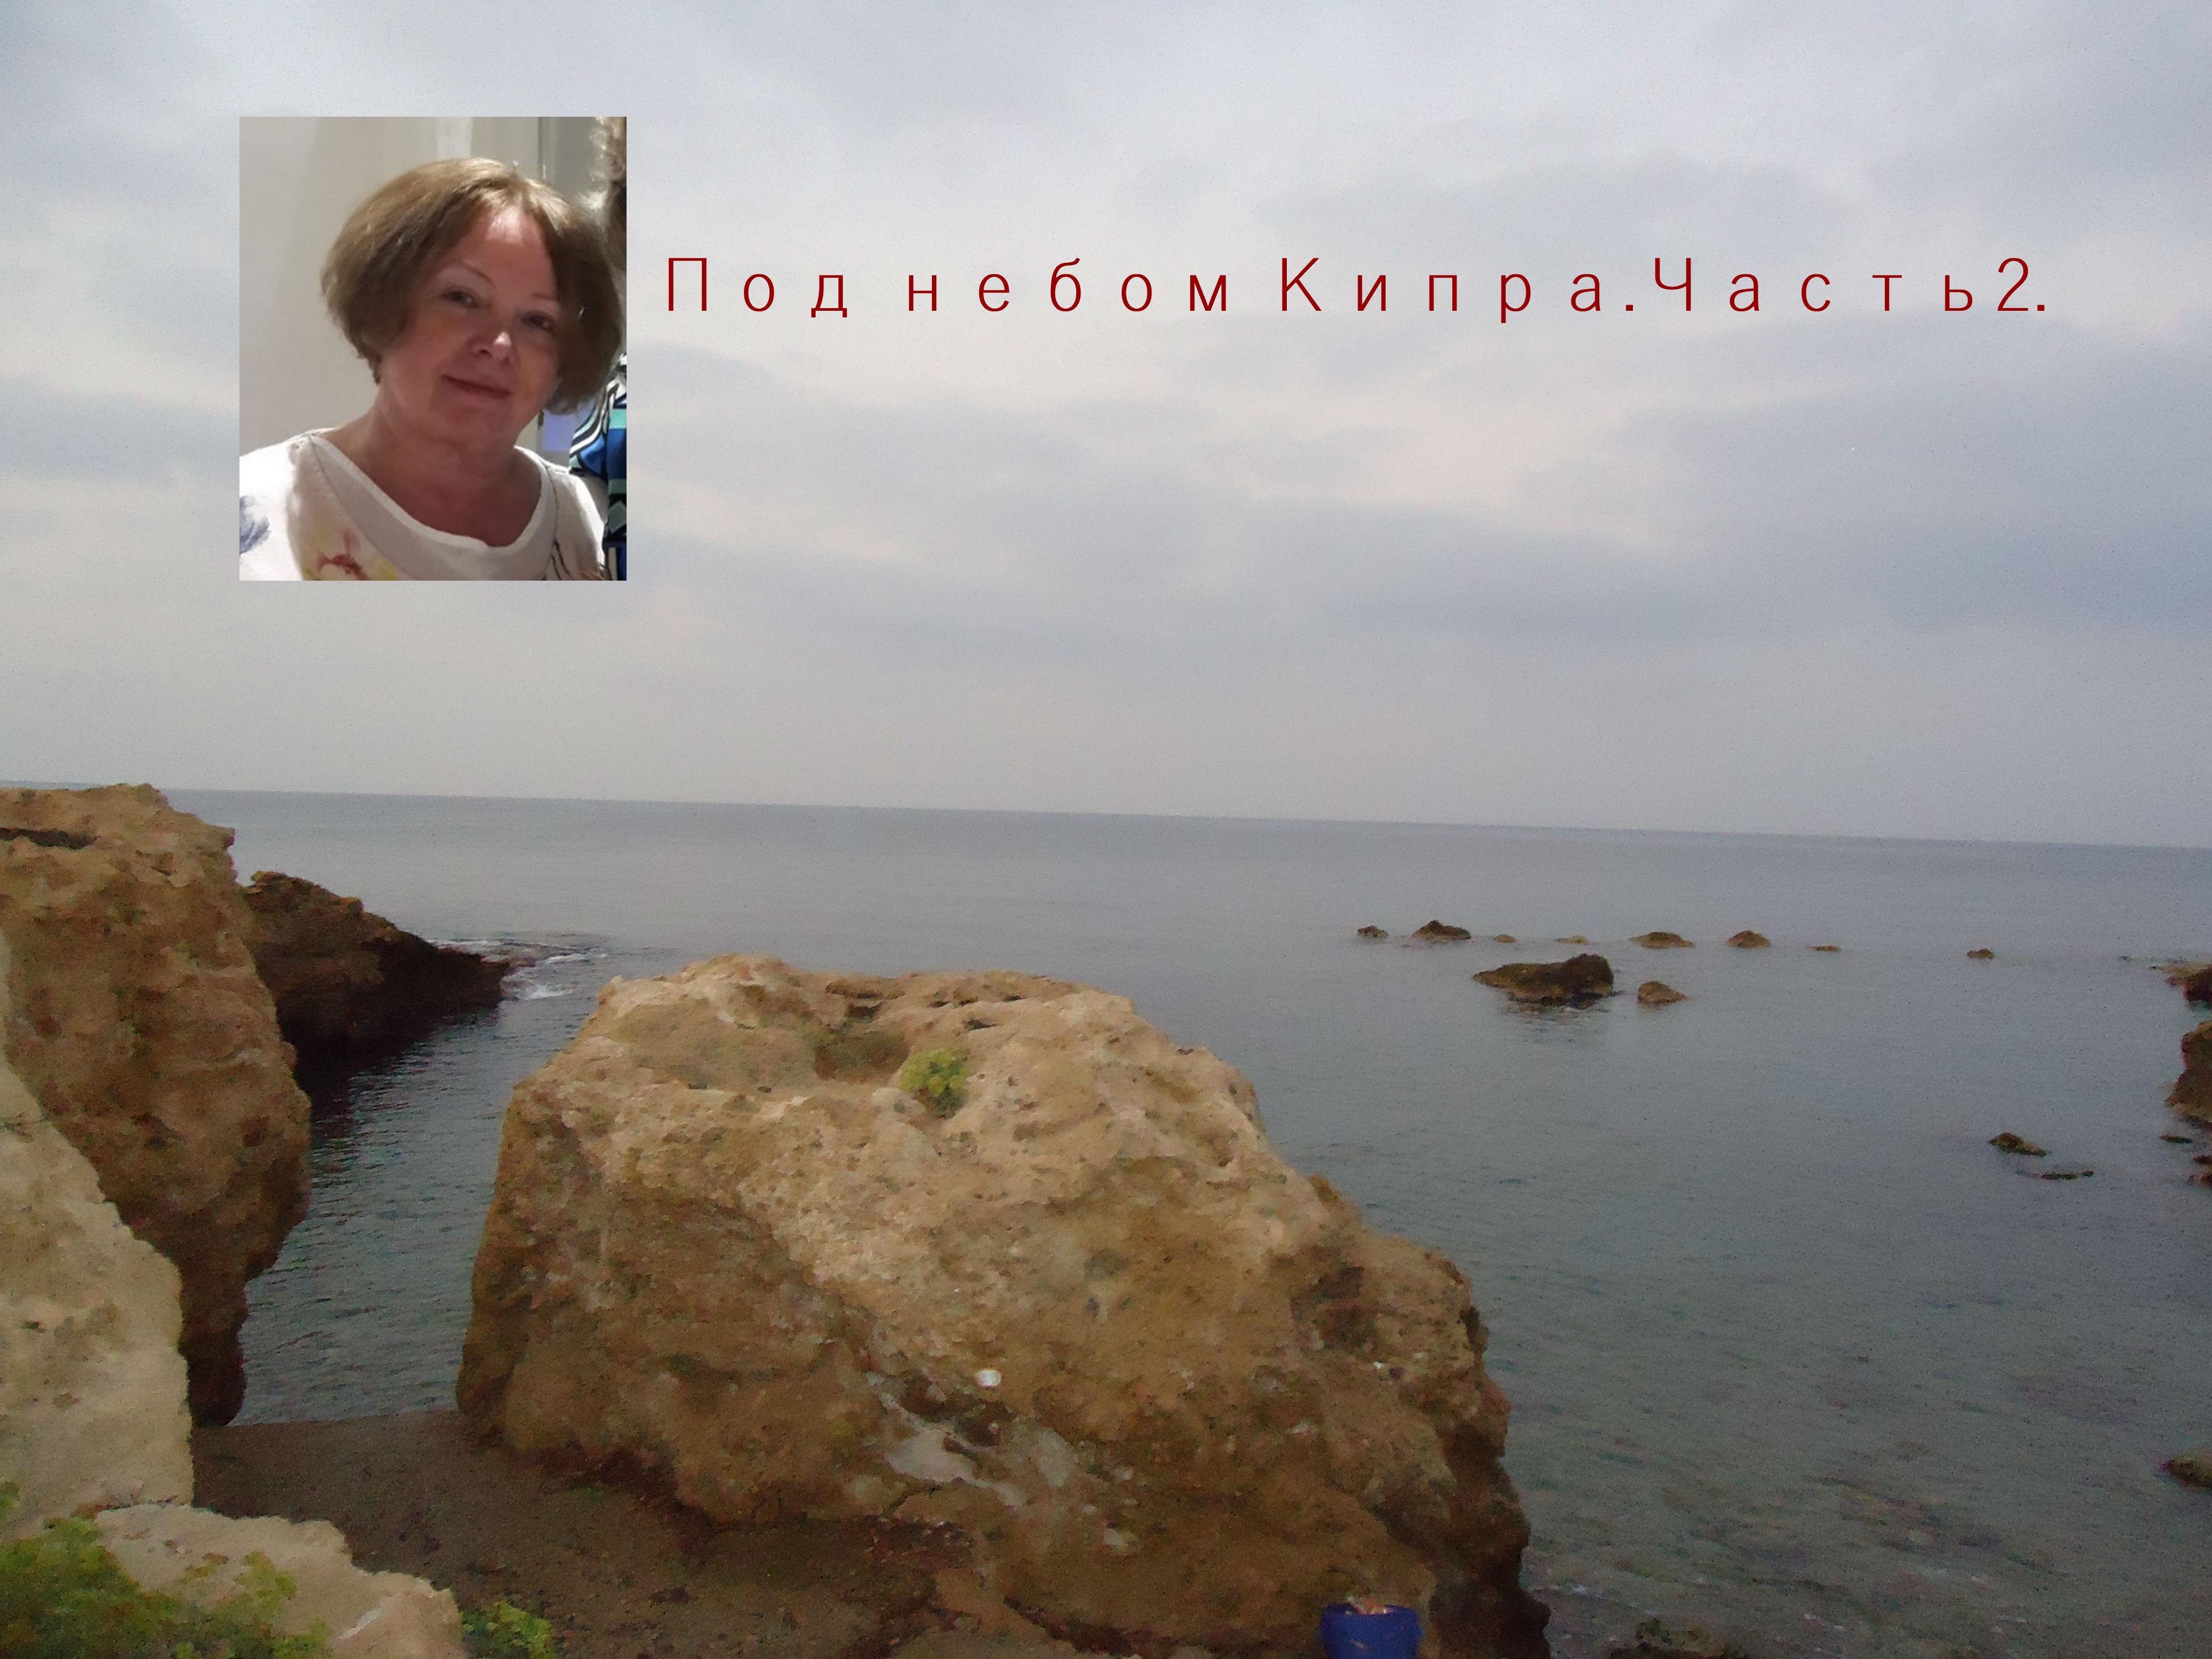 Под небом Кипра.Часть 2.